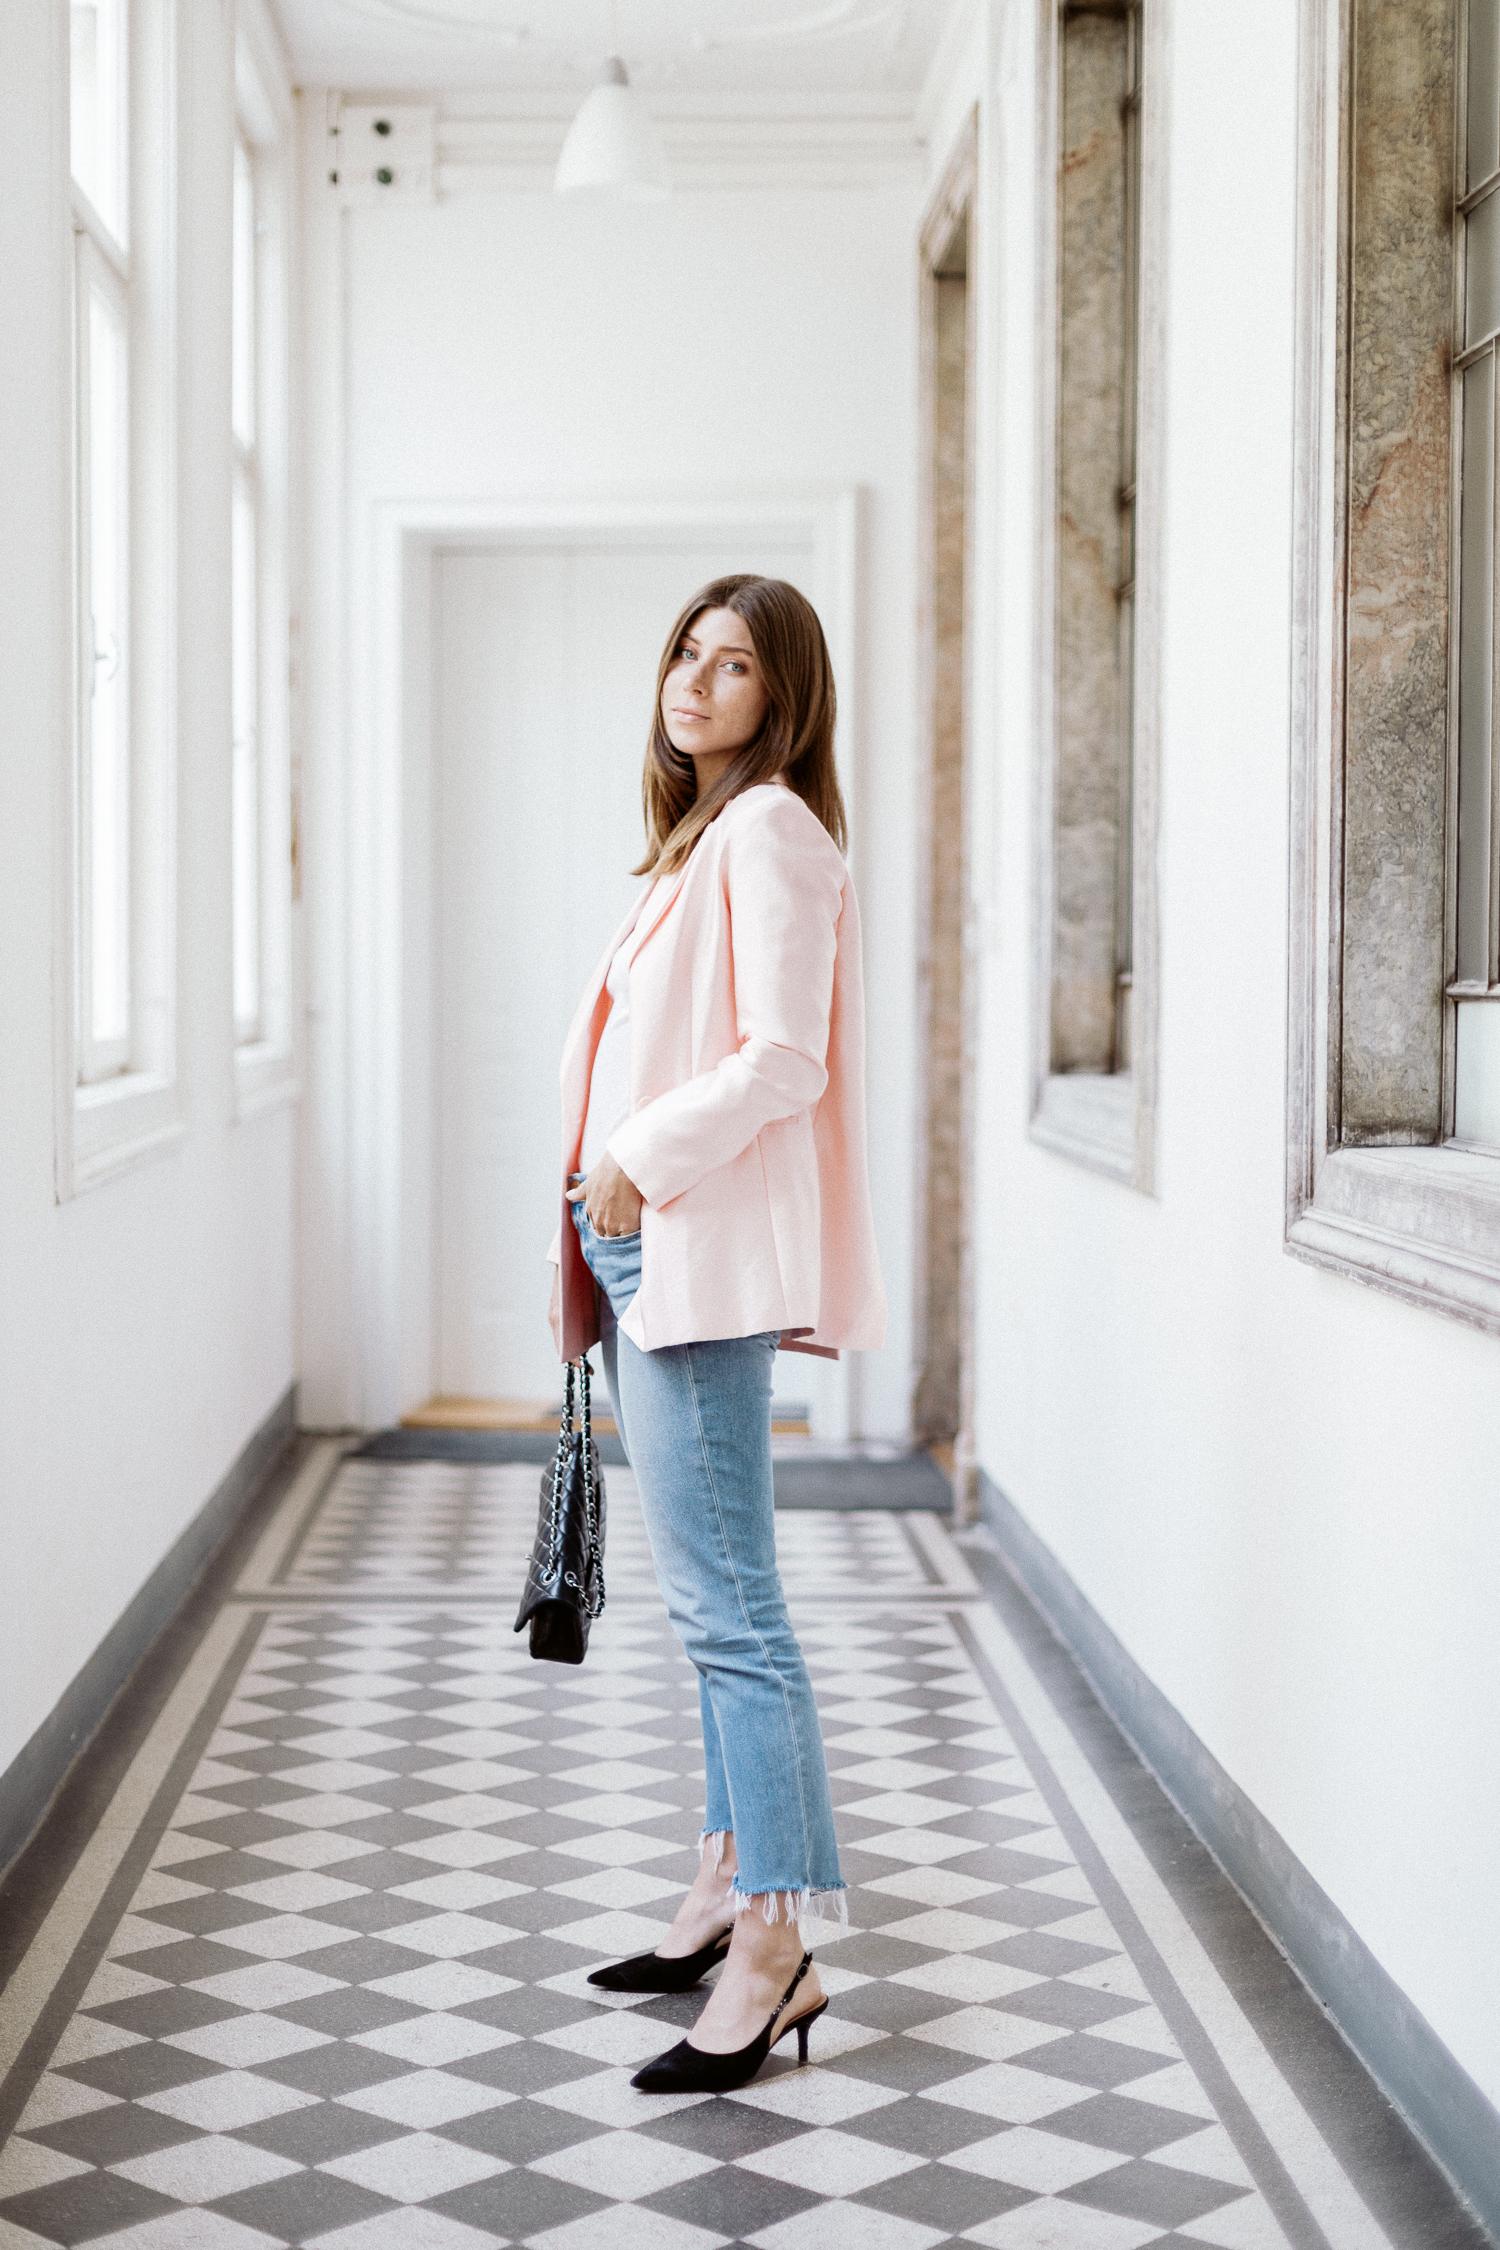 Spring Must-Have: Pastel Pink Blazer | Bikinis & Passports